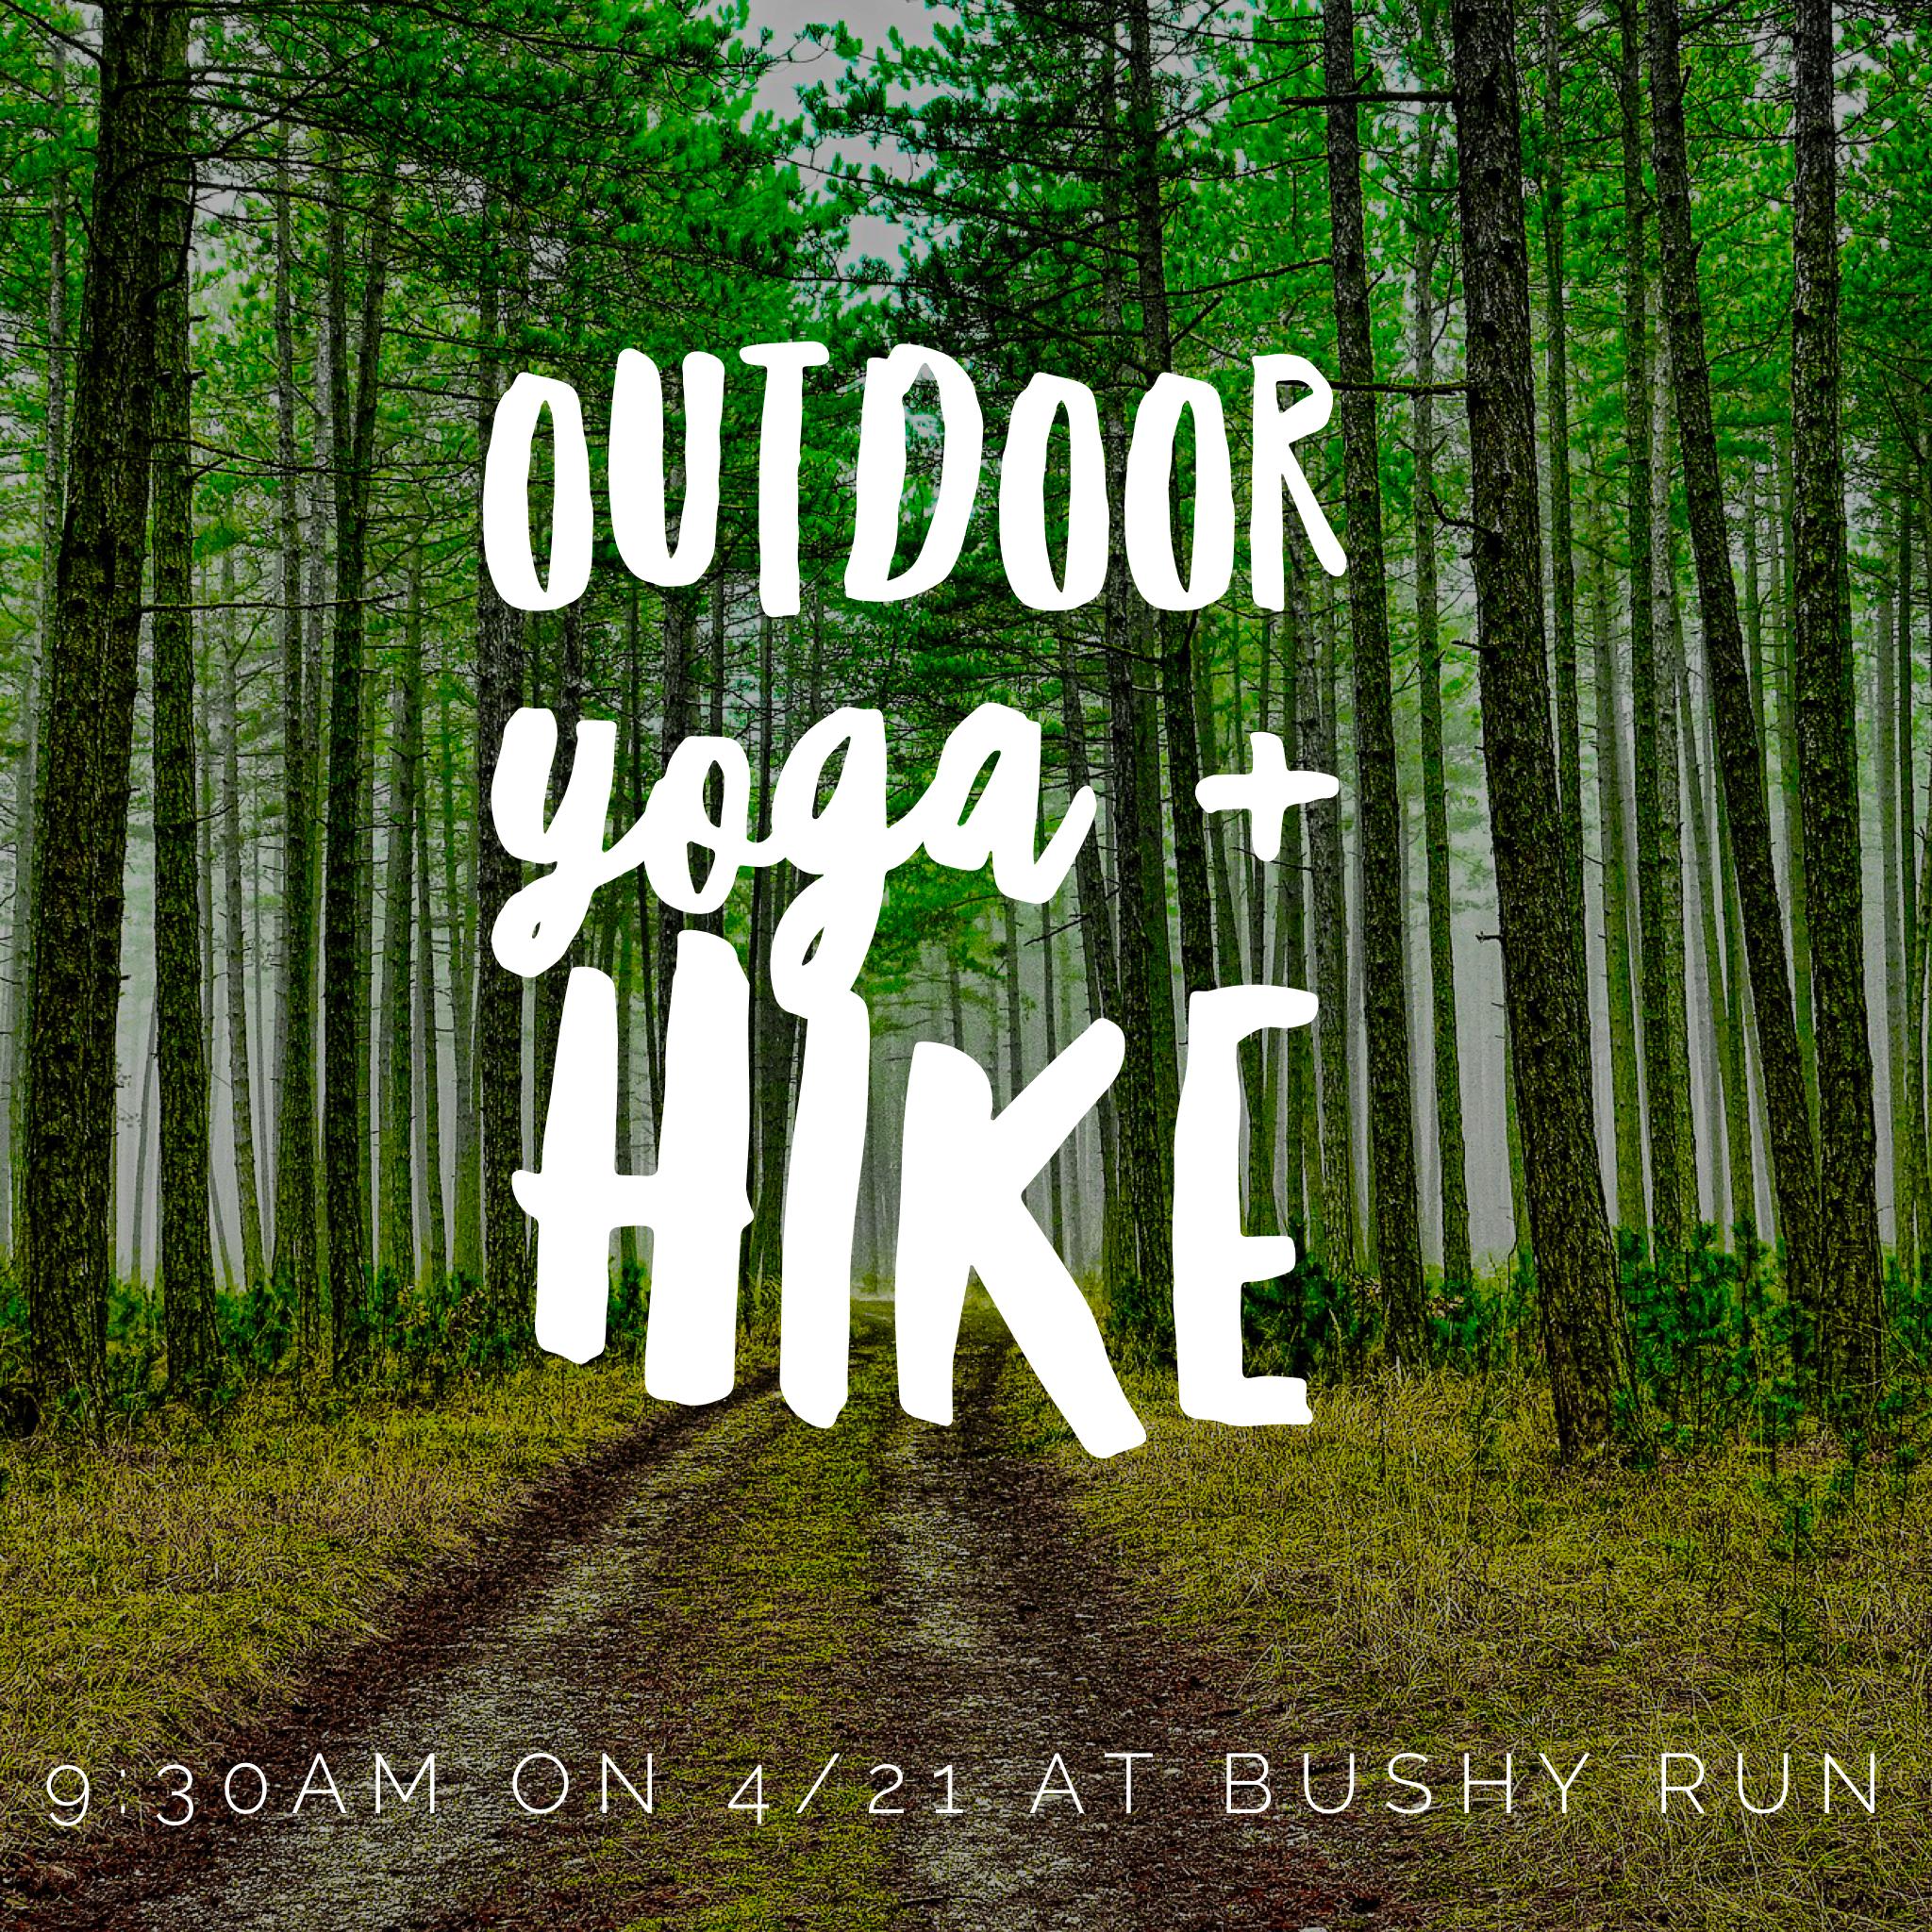 Outdoor Yoga and HIke at Bushy Run Park